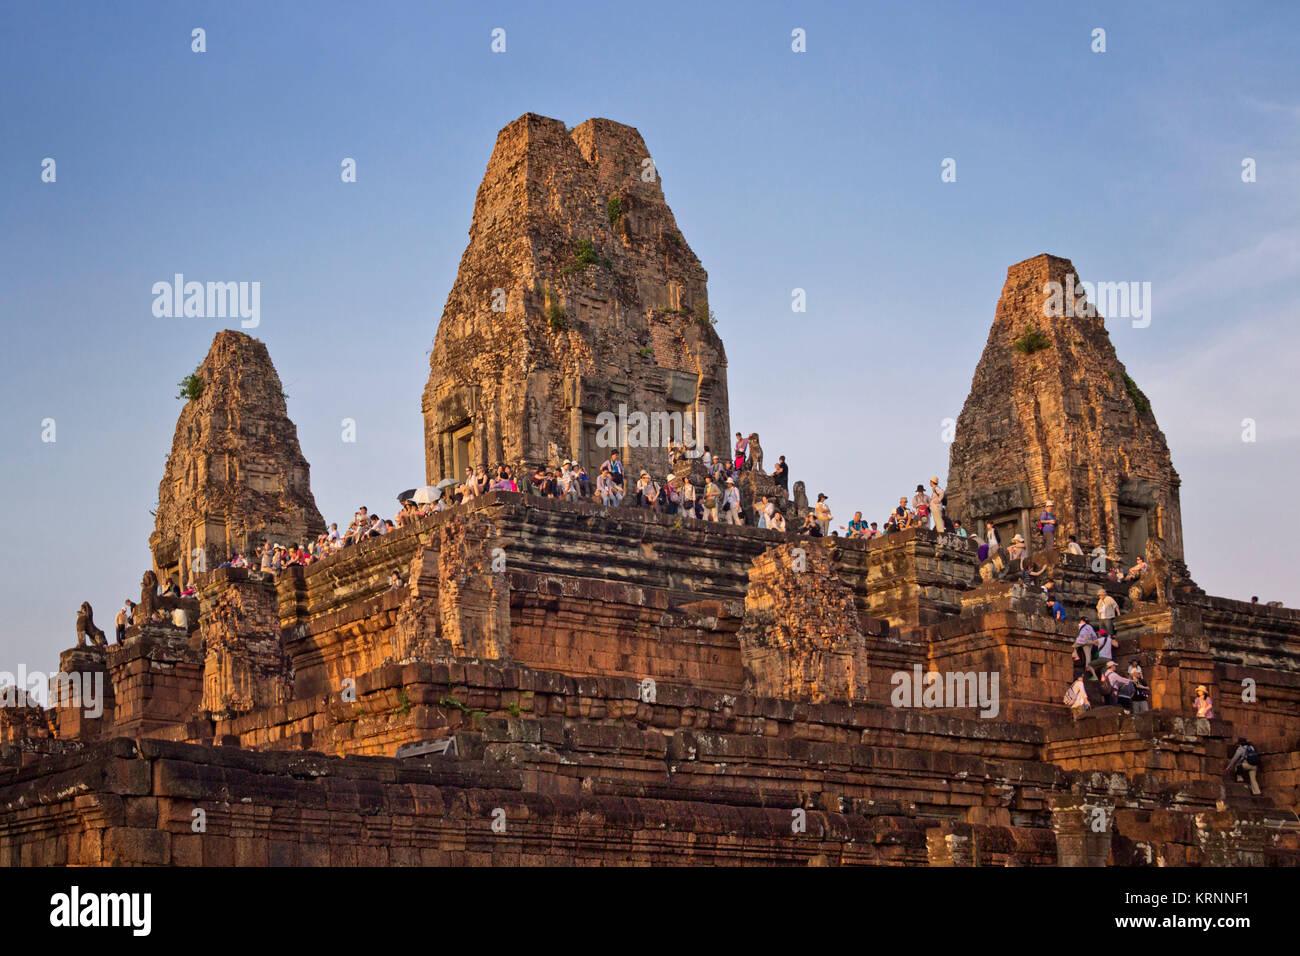 Tempel Pre Rup bei Sonnenuntergang, touristische Menschenmenge, Angkor Wat, Kambodscha, Asien, Stockbild